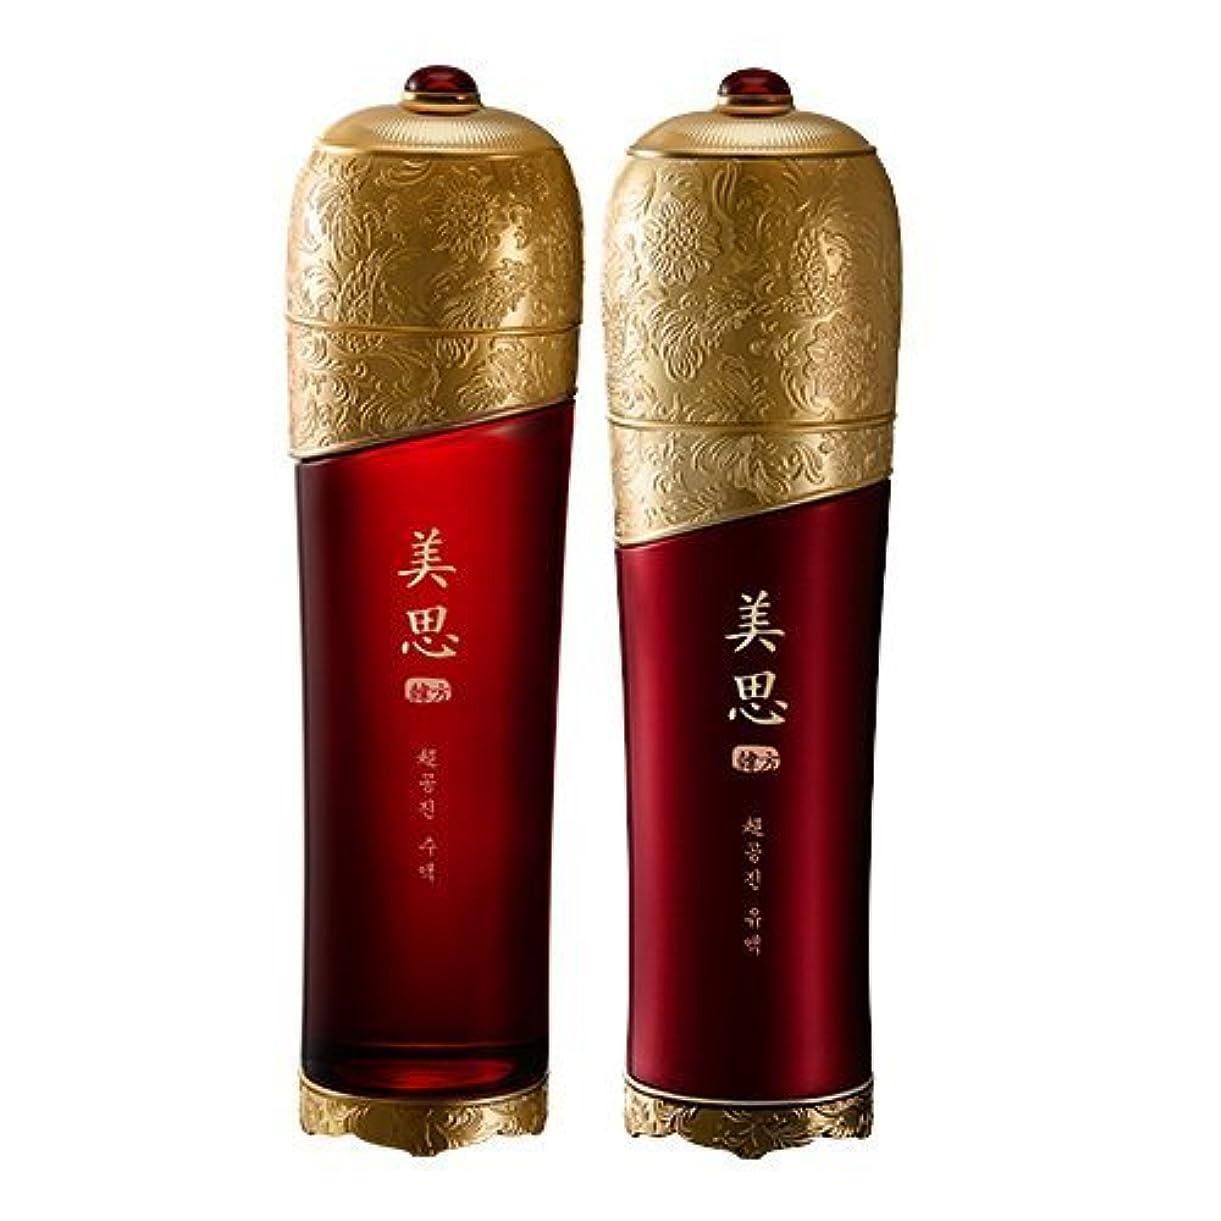 からに変化するのみ行くMISSHA(ミシャ) 美思 韓方 チョゴンジン 基礎化粧品 スキンケア 化粧水+乳液=お得2種Set